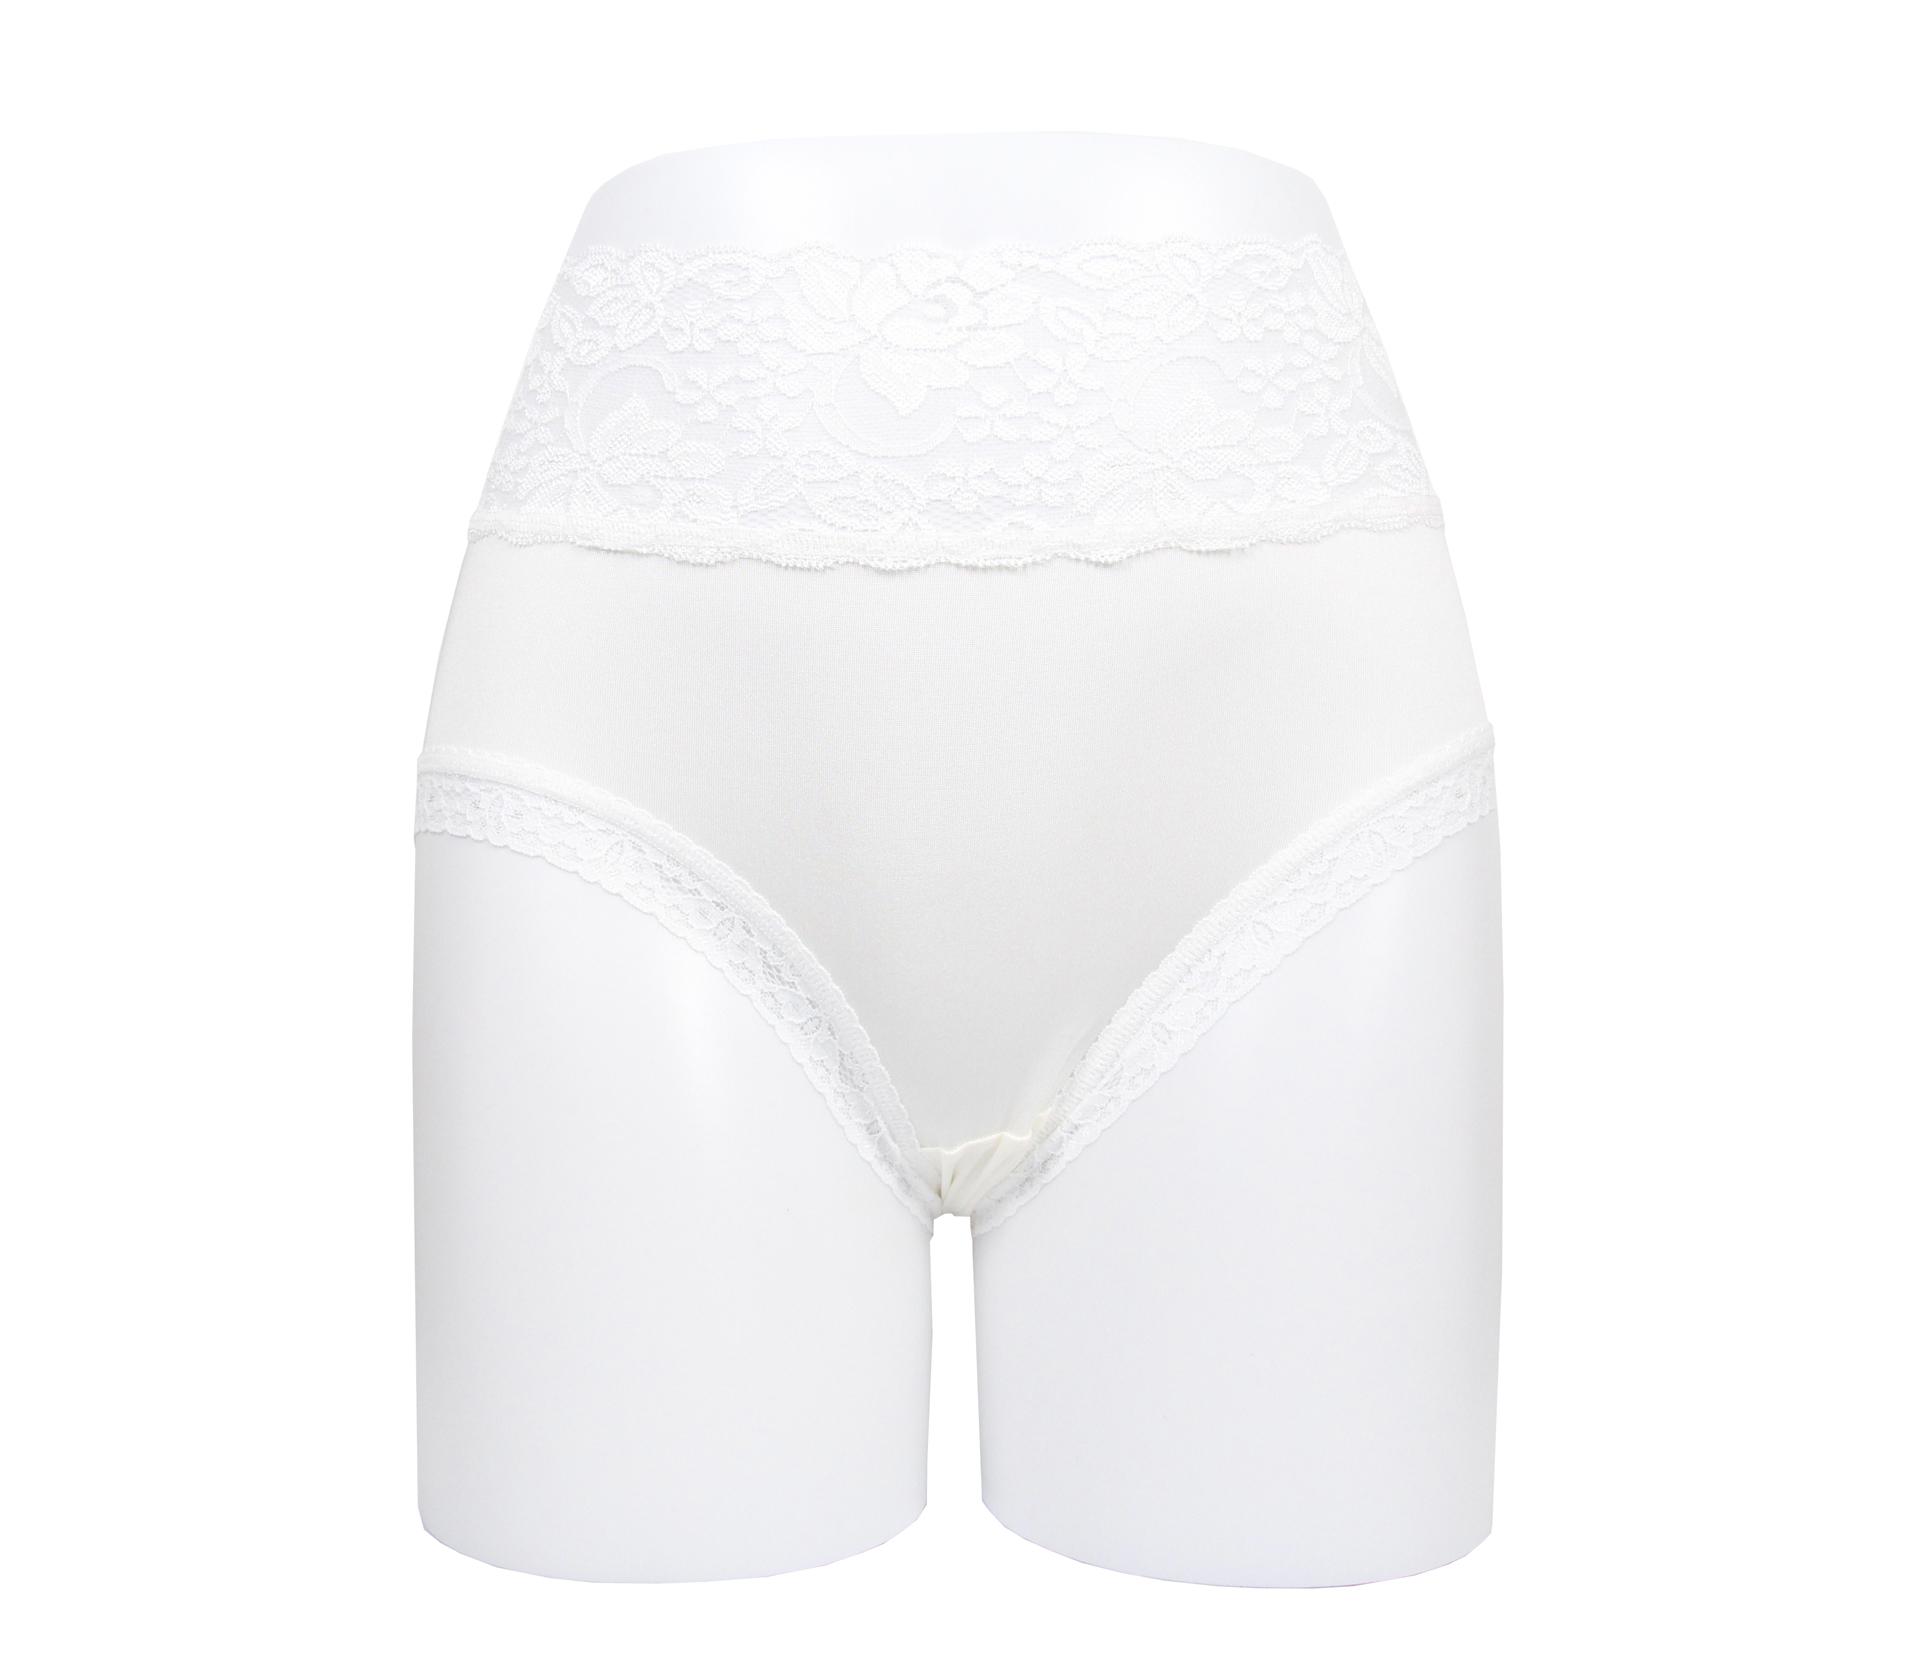 闕蘭絹花朵蕾絲100%蠶絲內褲 - 88909 (白)